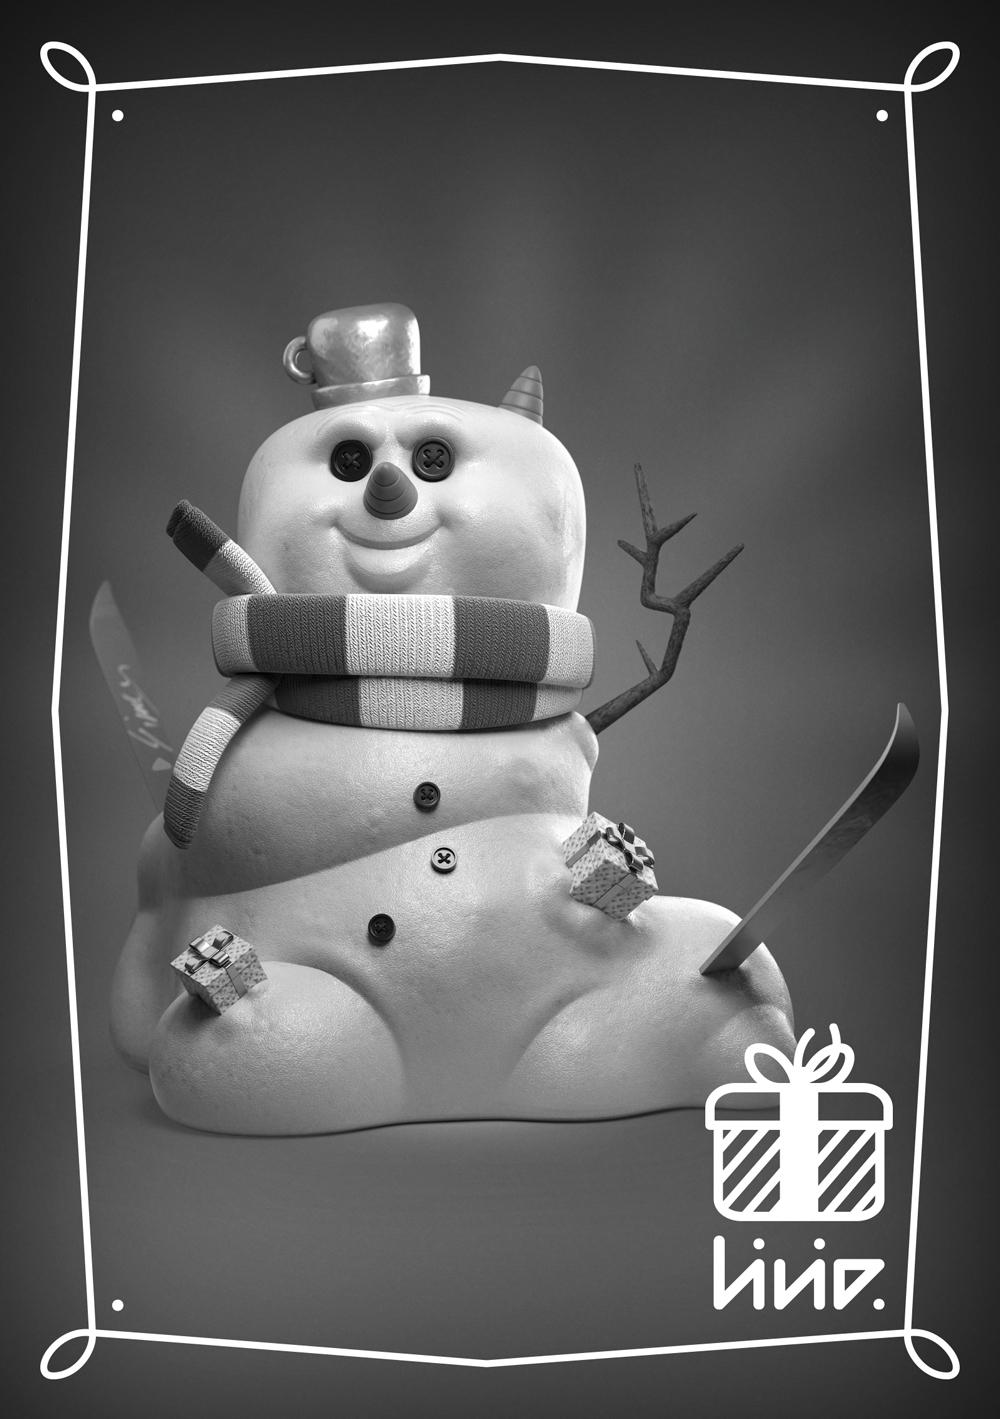 Livachu snowman e card 2014 1 46d4d3d8 47tp